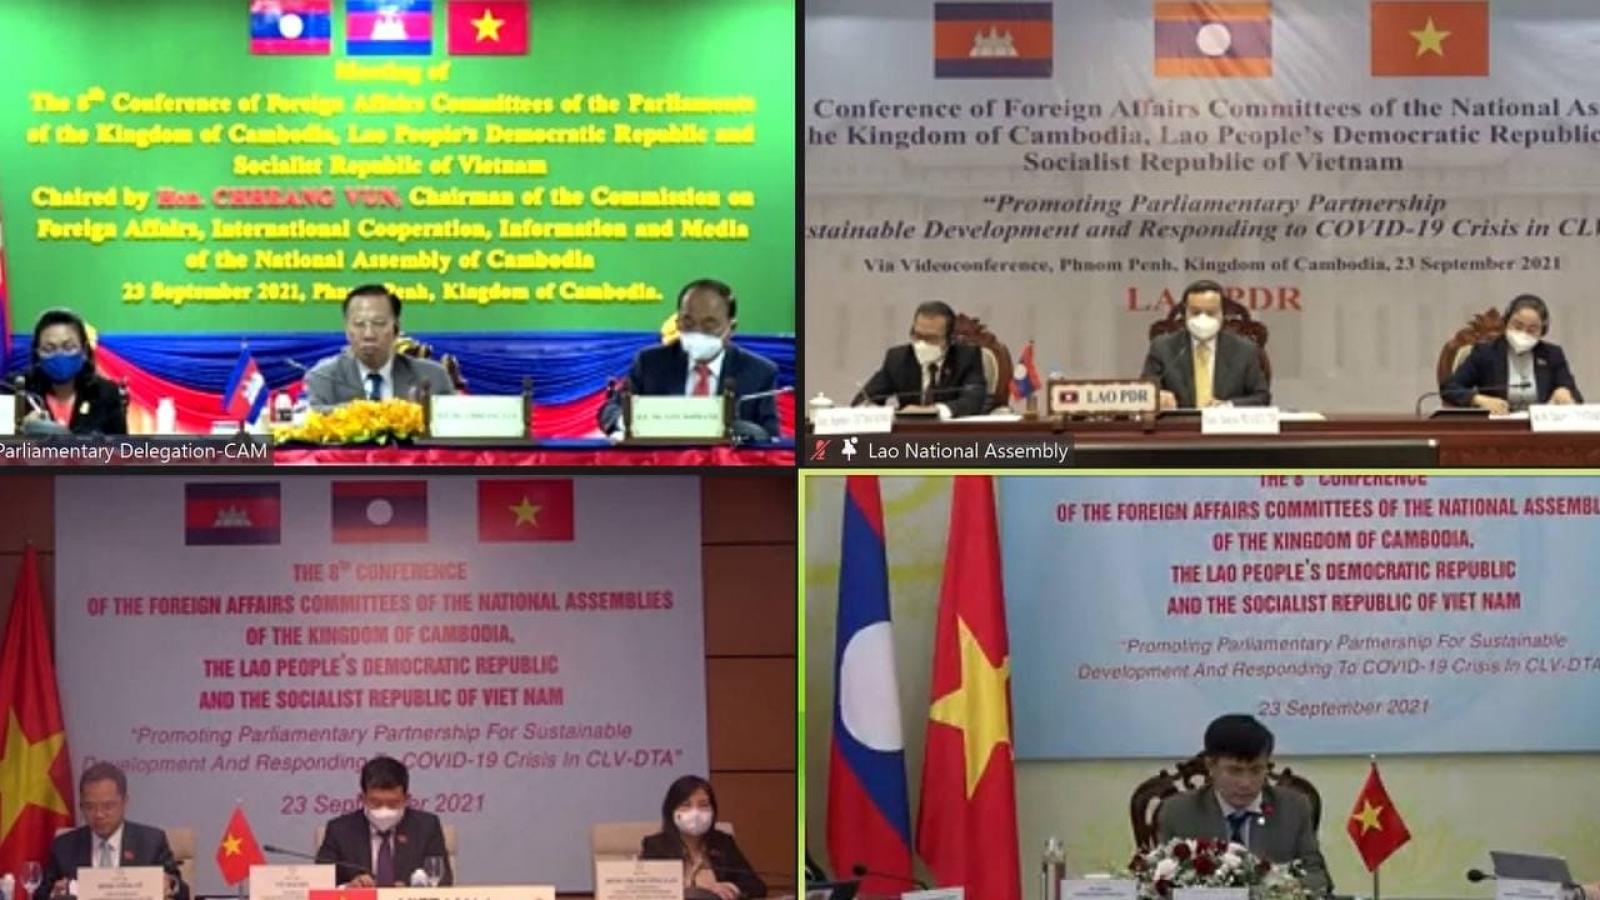 Cần chiến lược đột phá trong Khu vực tam giác phát triển Campuchia - Lào - Việt Nam